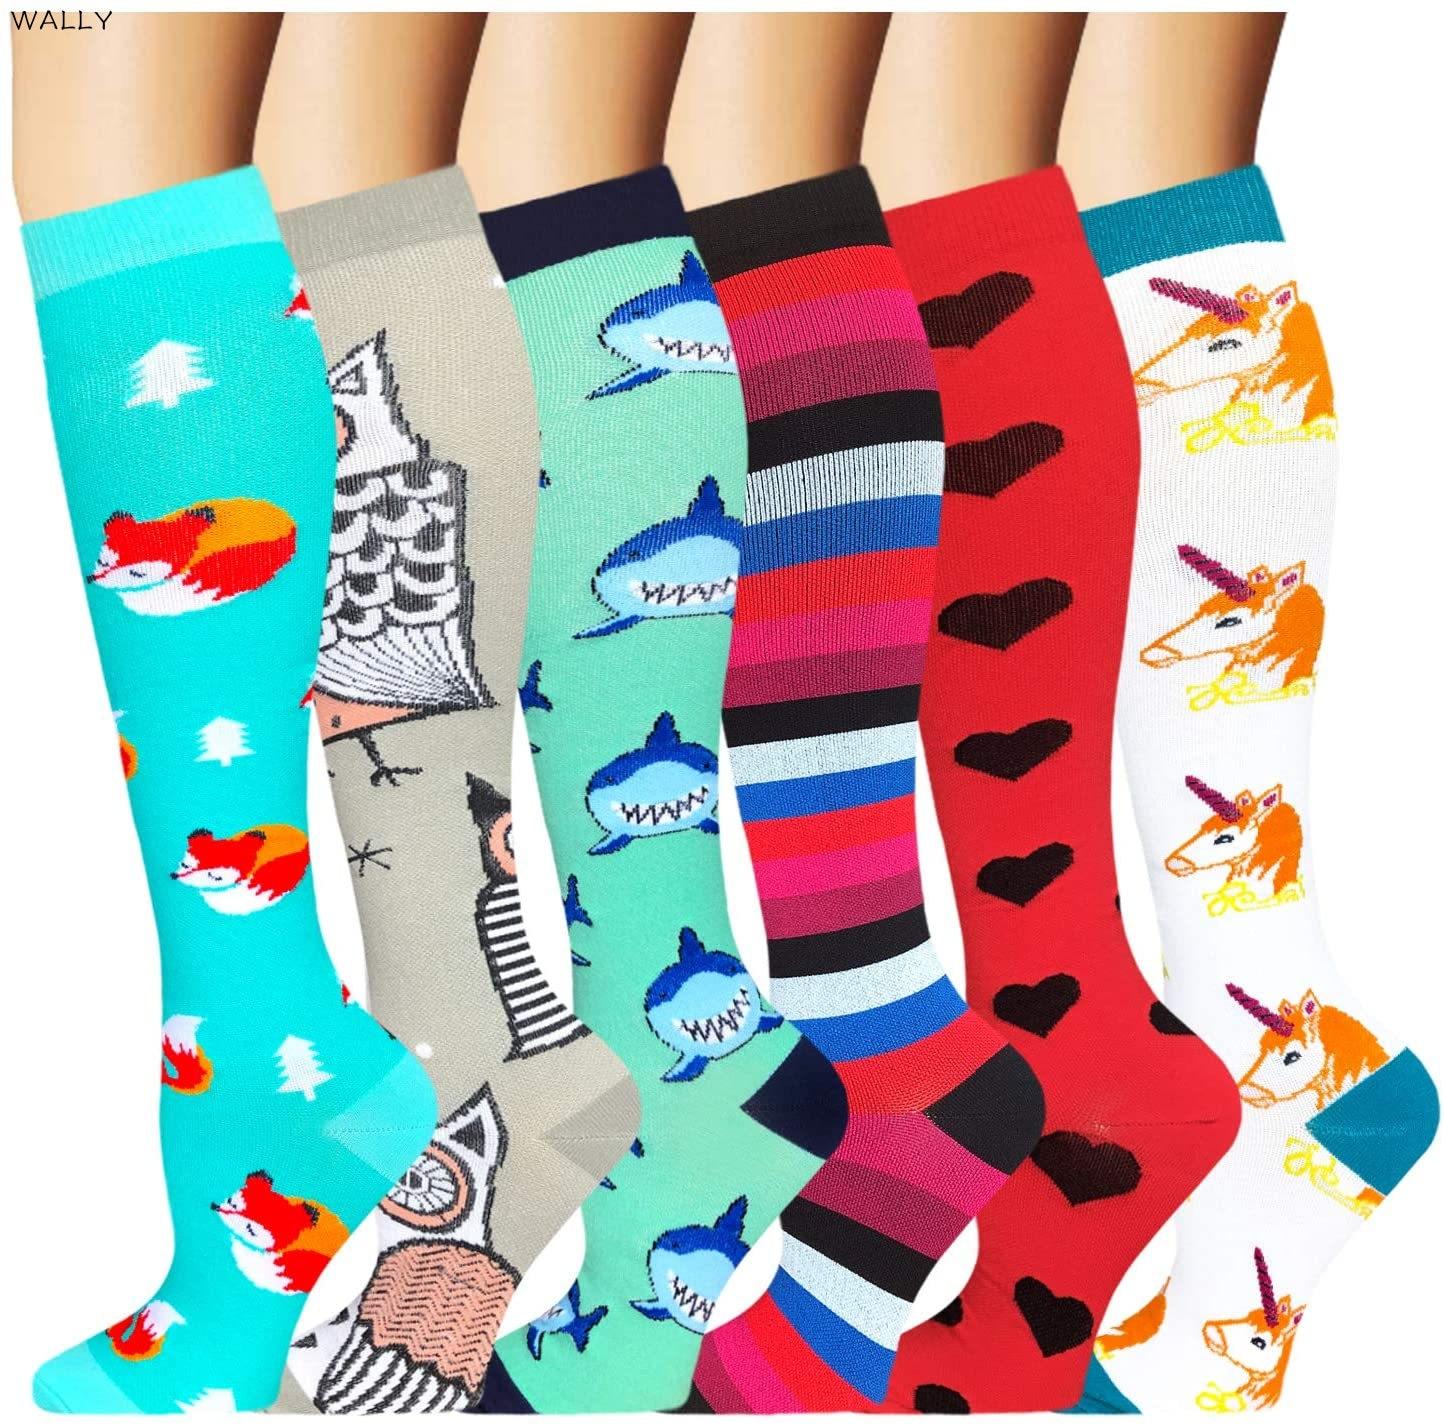 Компрессионные чулки 30 Mmgh до колена носки спортивные носки отек варикоз марафон медсестры Компрессионные носки Для женщин Мужчины венотекс чулки компрессионные до колена для женщин 2с114 р m бежевые